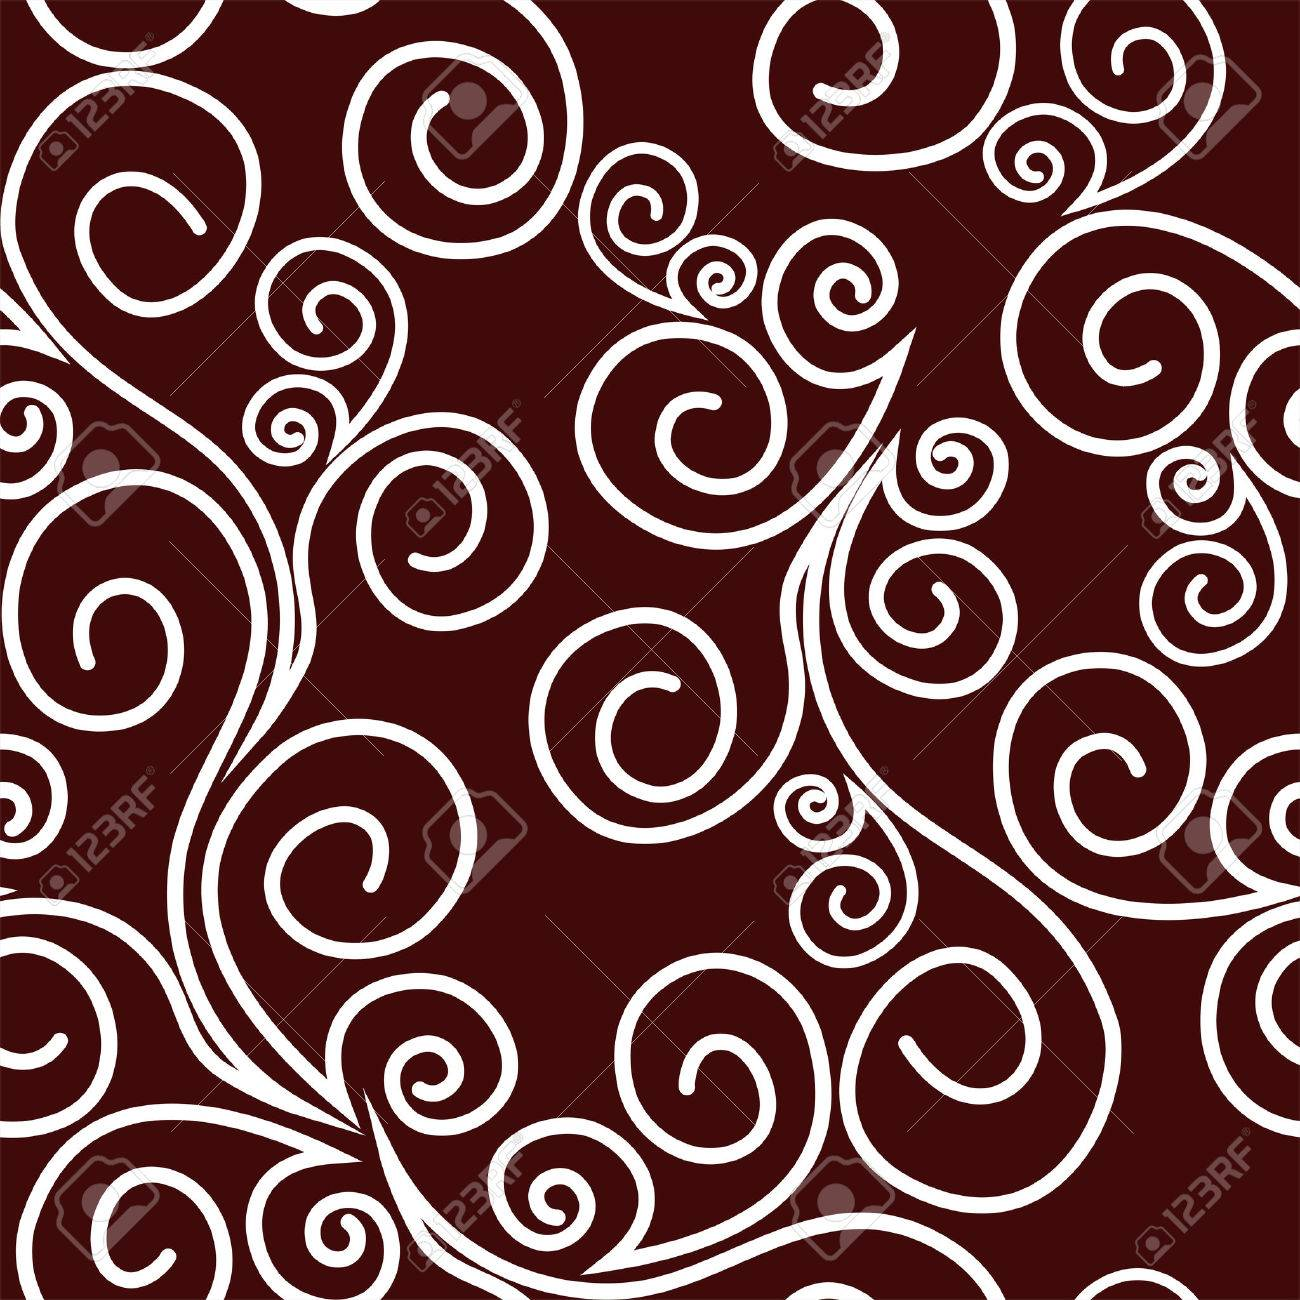 Seamless ornate Pattern with Swirls - 41658810